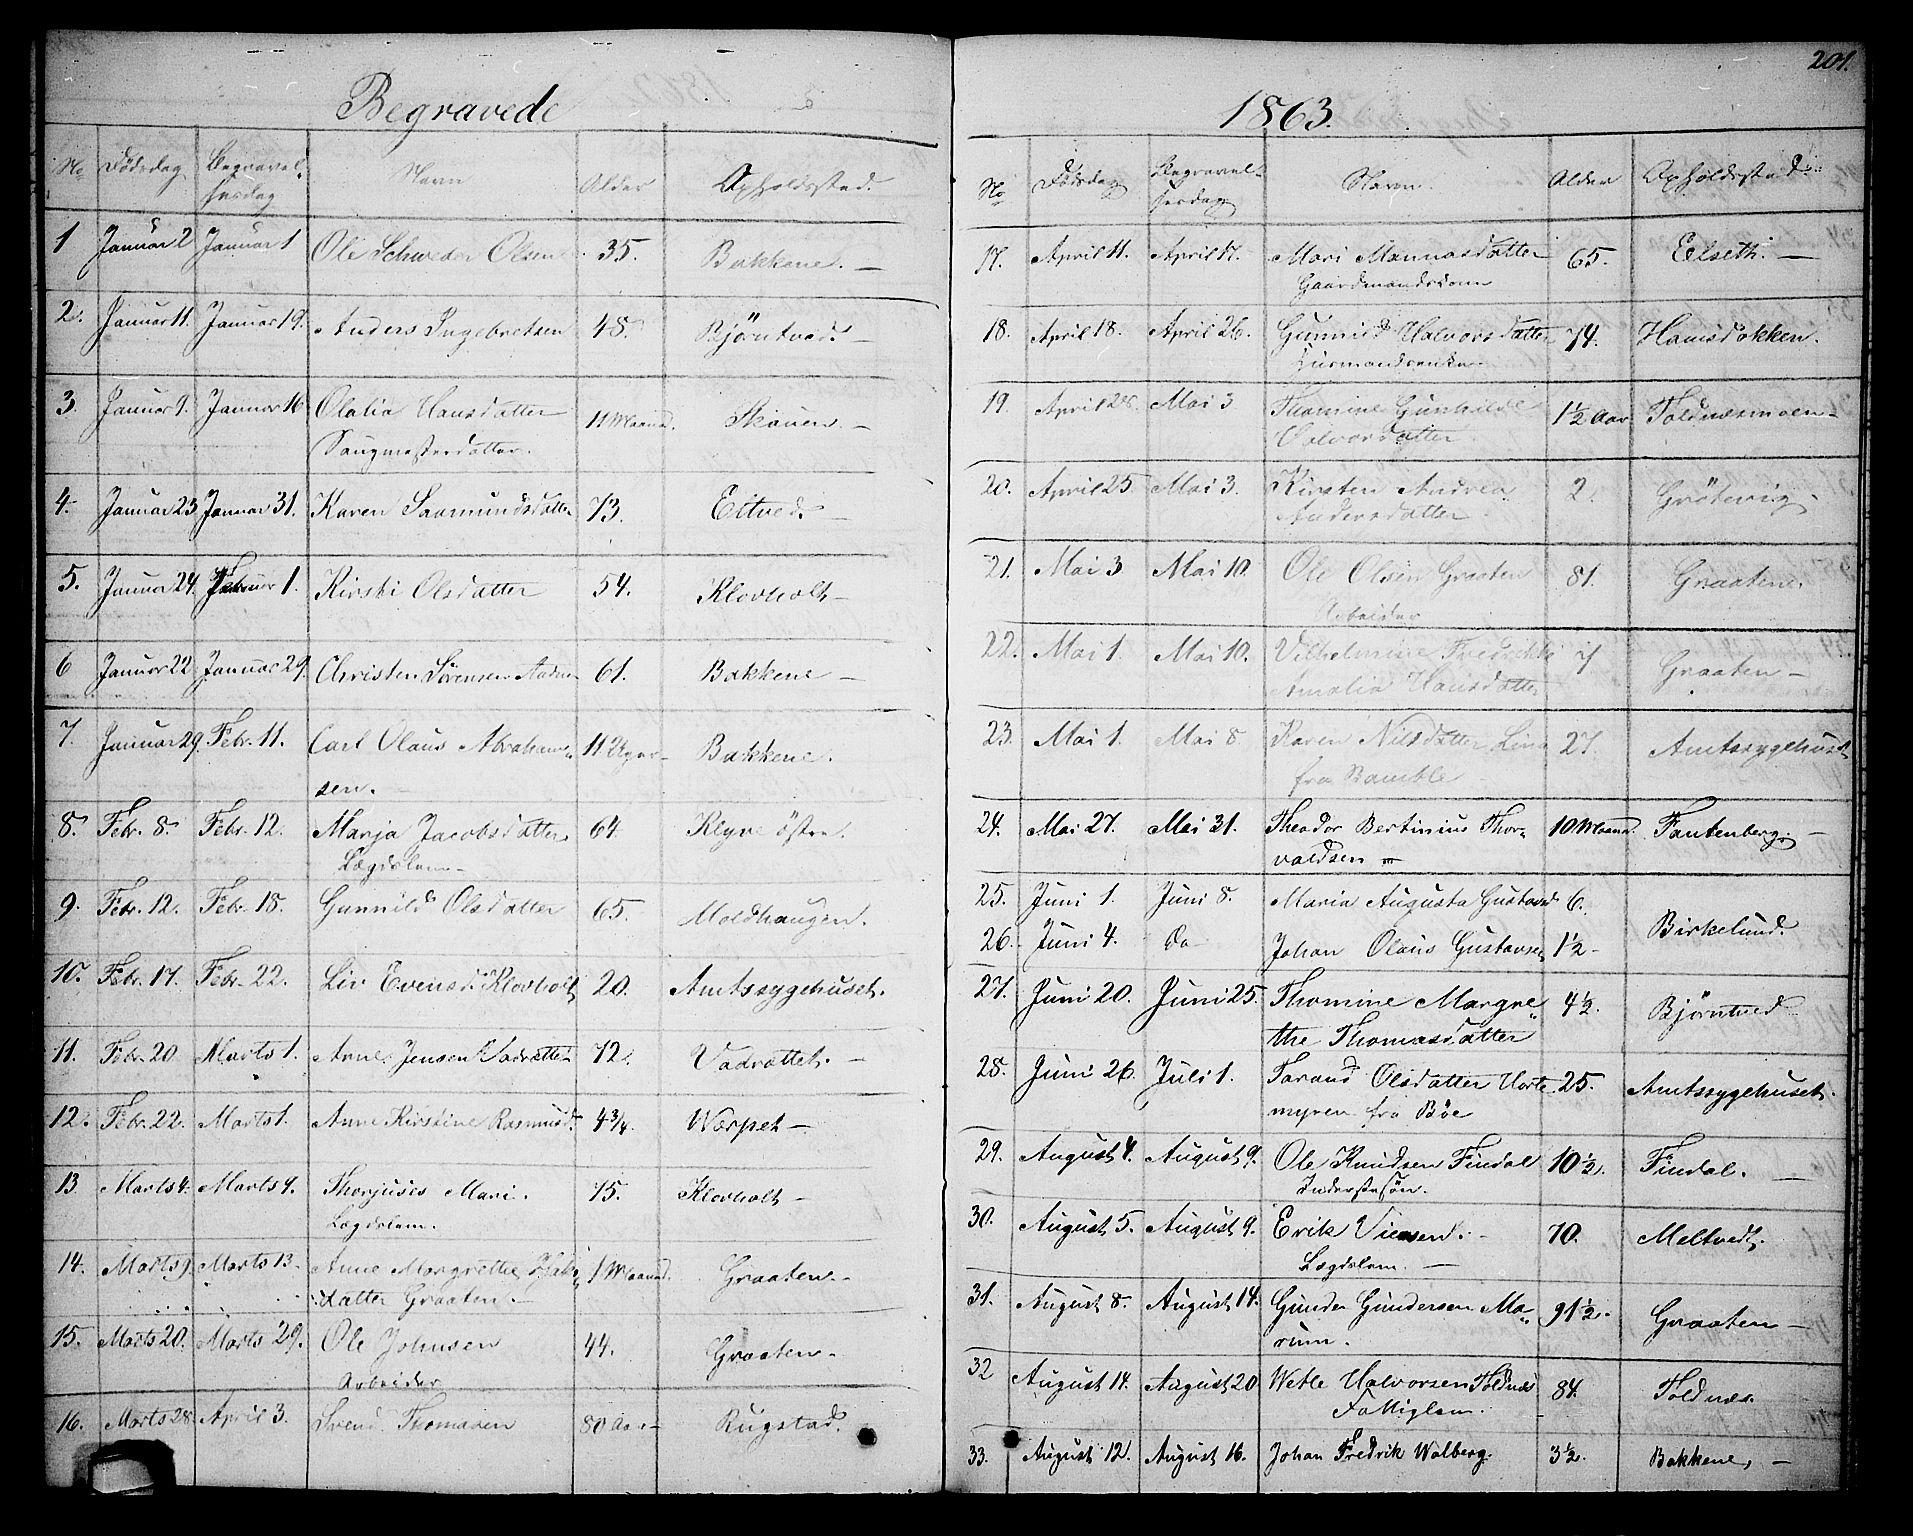 SAKO, Solum kirkebøker, G/Ga/L0004: Klokkerbok nr. I 4, 1859-1876, s. 201